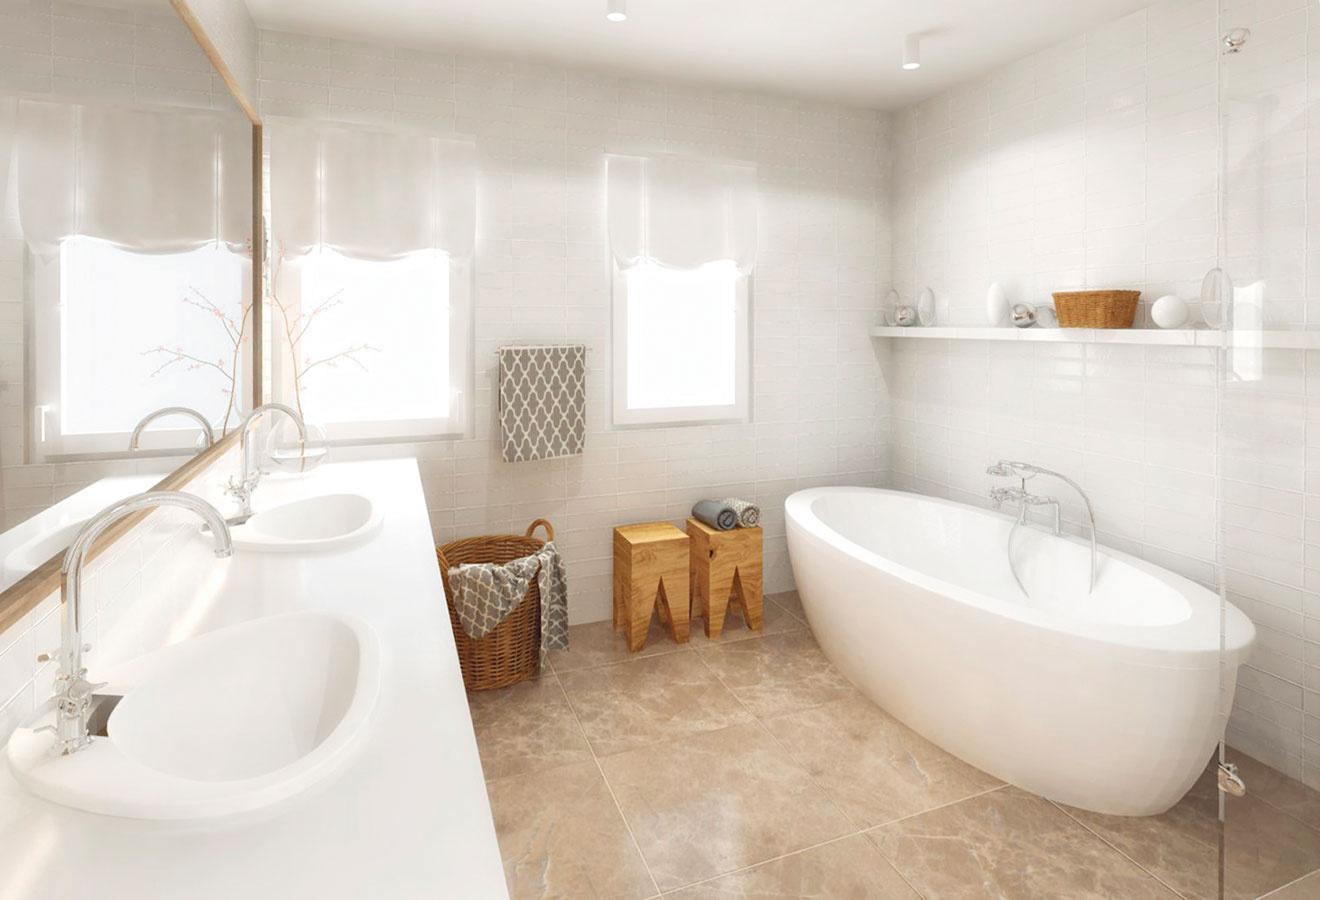 Dlažba zmramoru (alebo smramorovým vzorom) vteplom odtieni sa približuje farbe dreva, čo interiér zjednocuje.